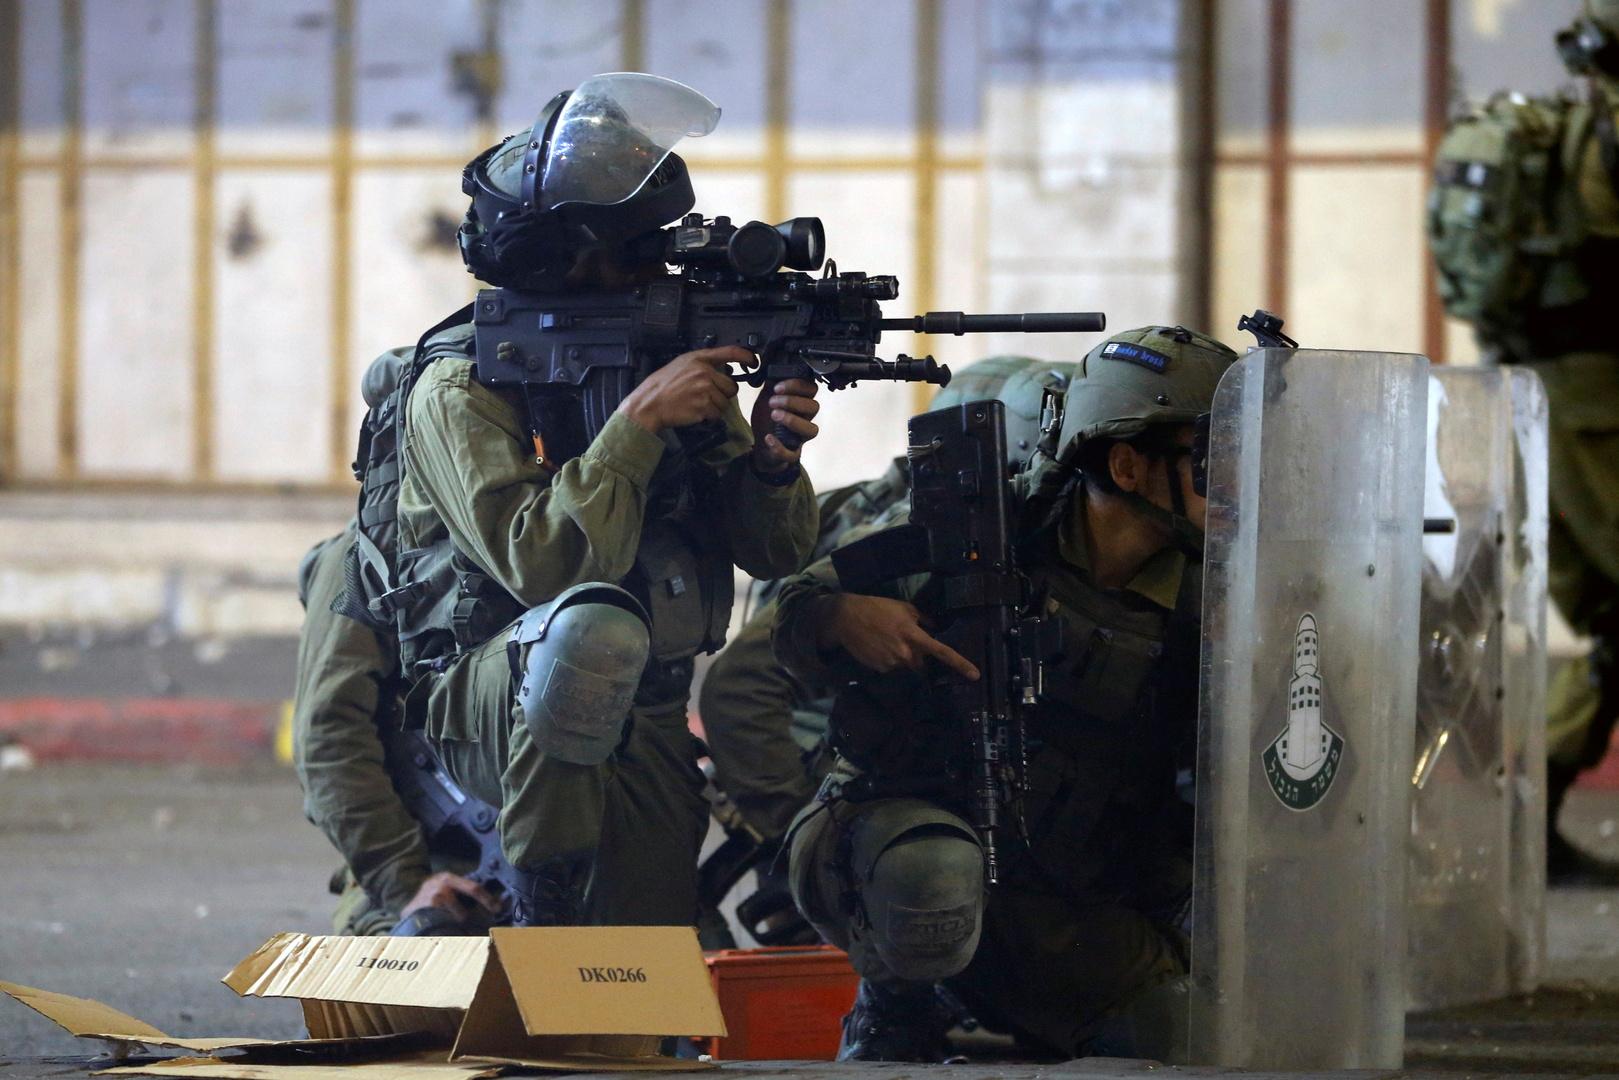 إسرائيل تفتح تحقيقا بمقتل طفل فلسطيني برصاص جنودها